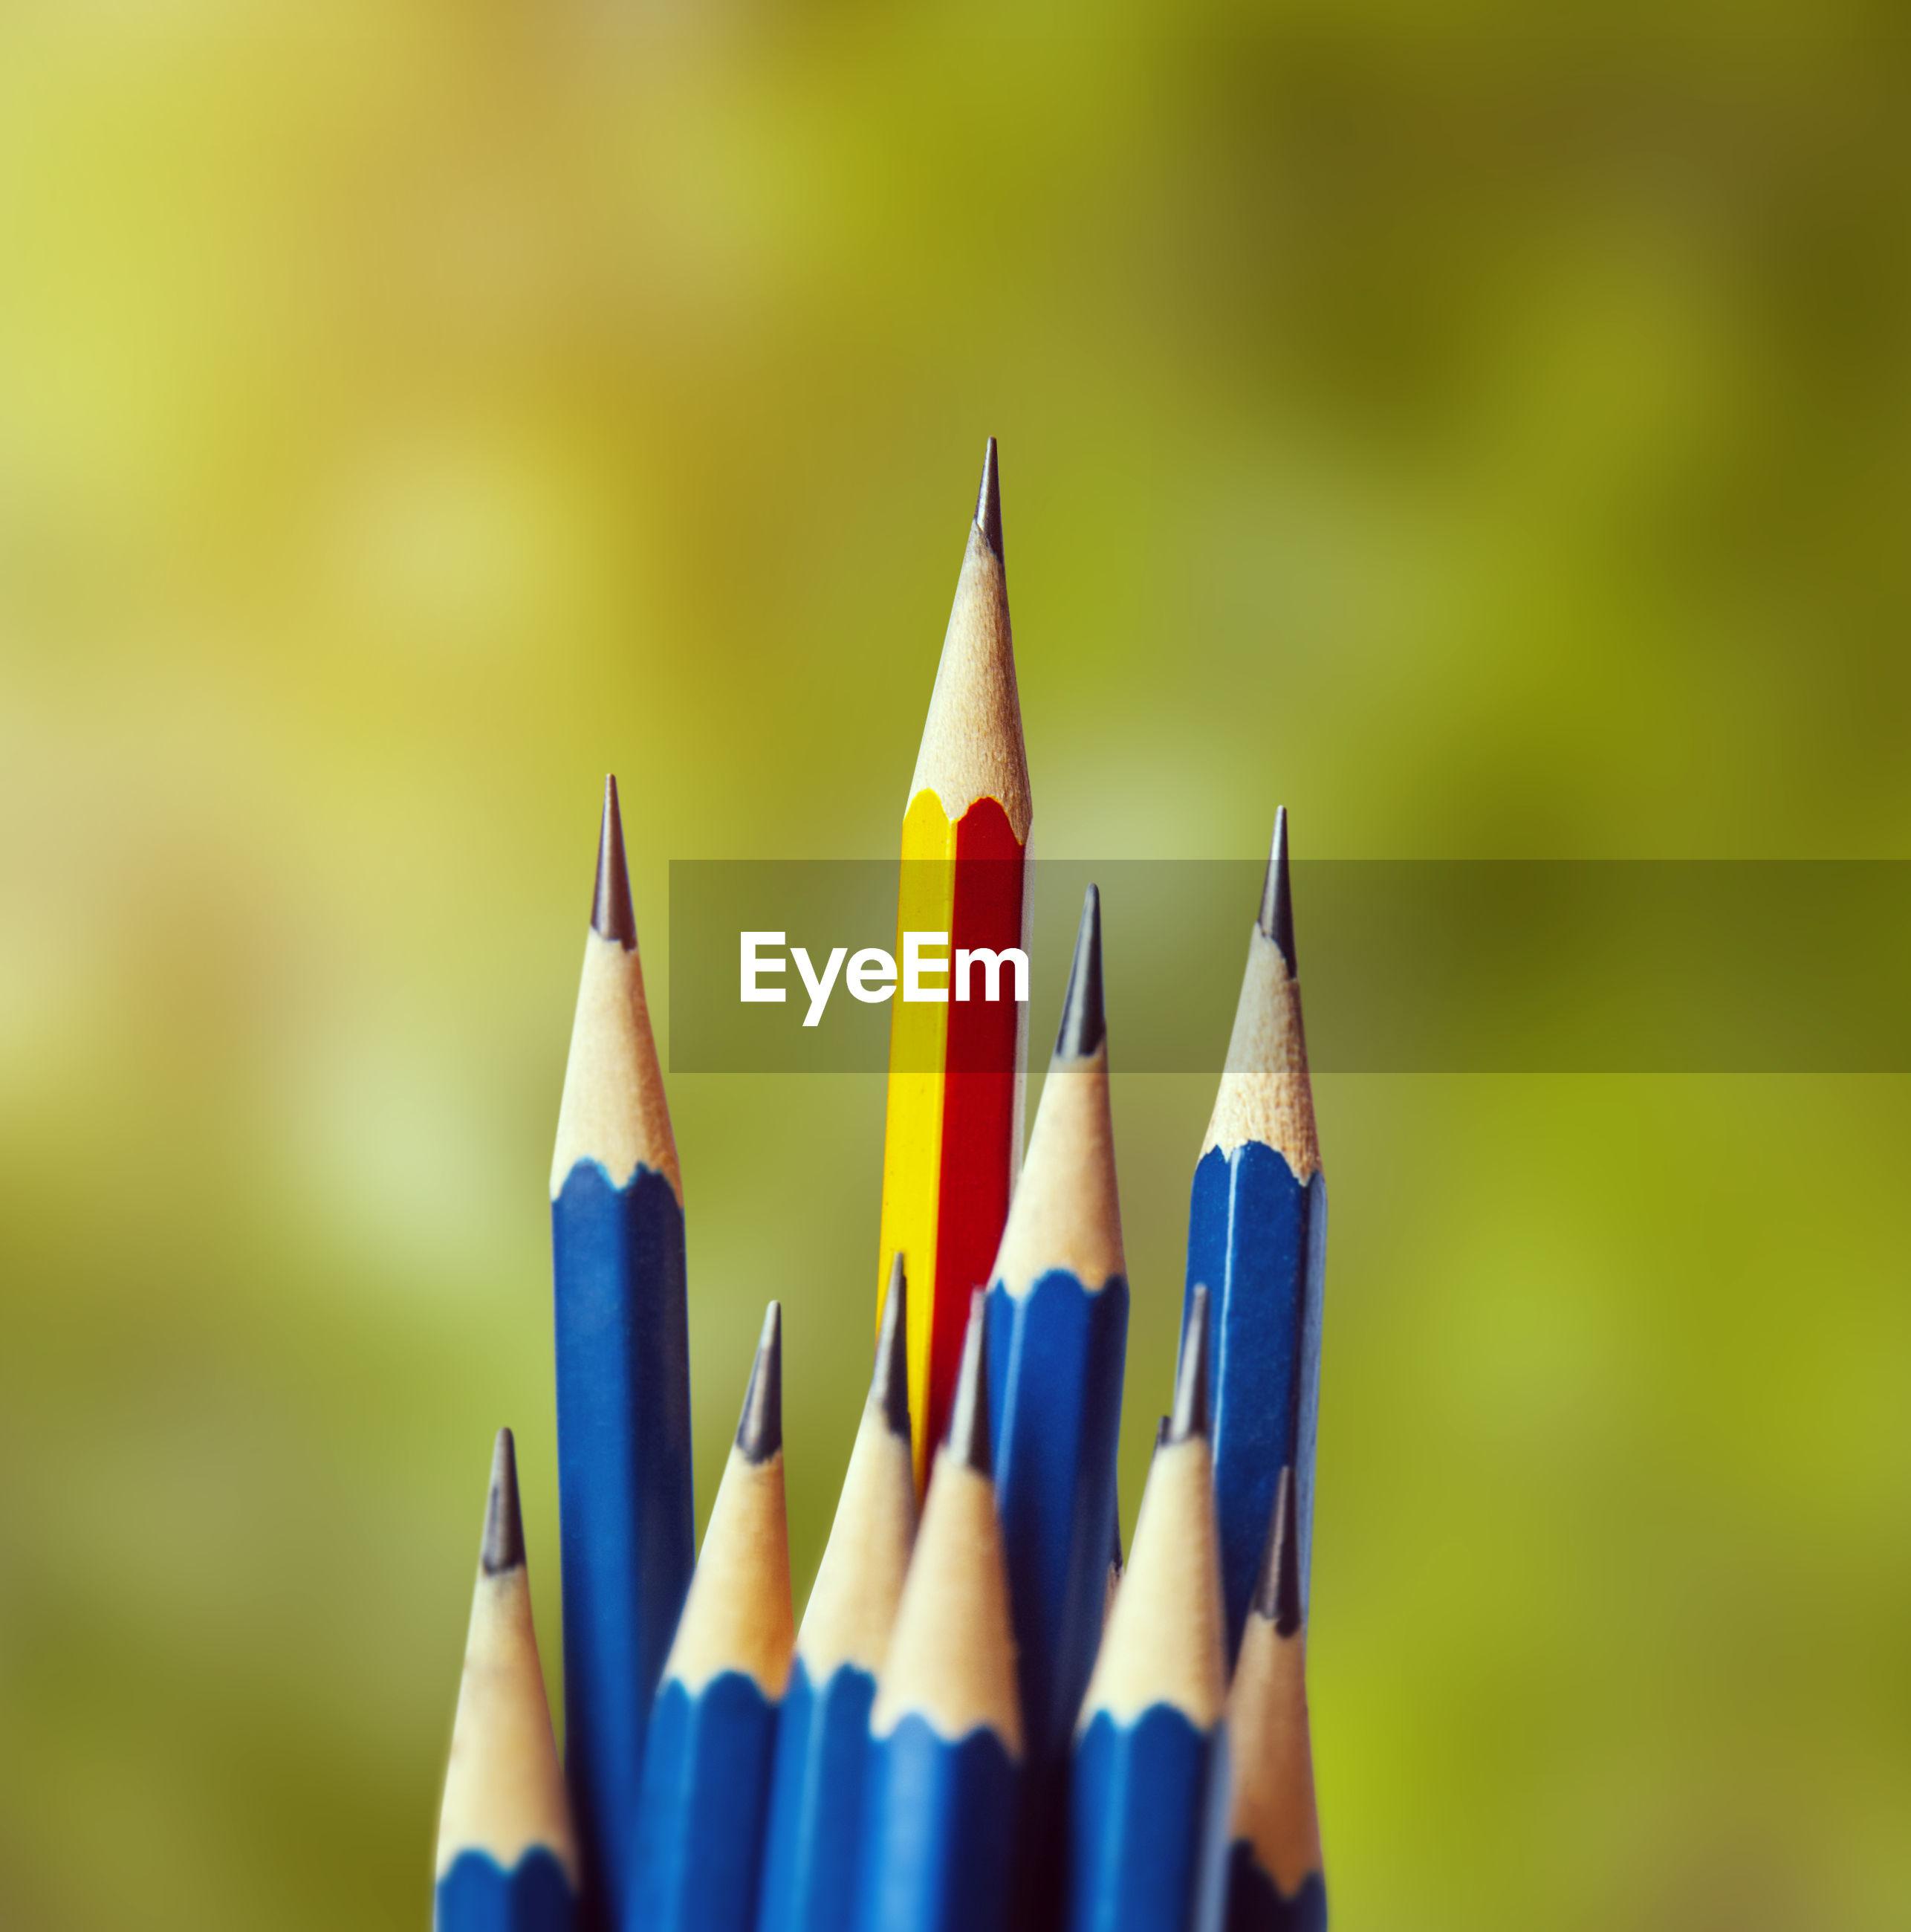 Close-up of pencils against defocused background